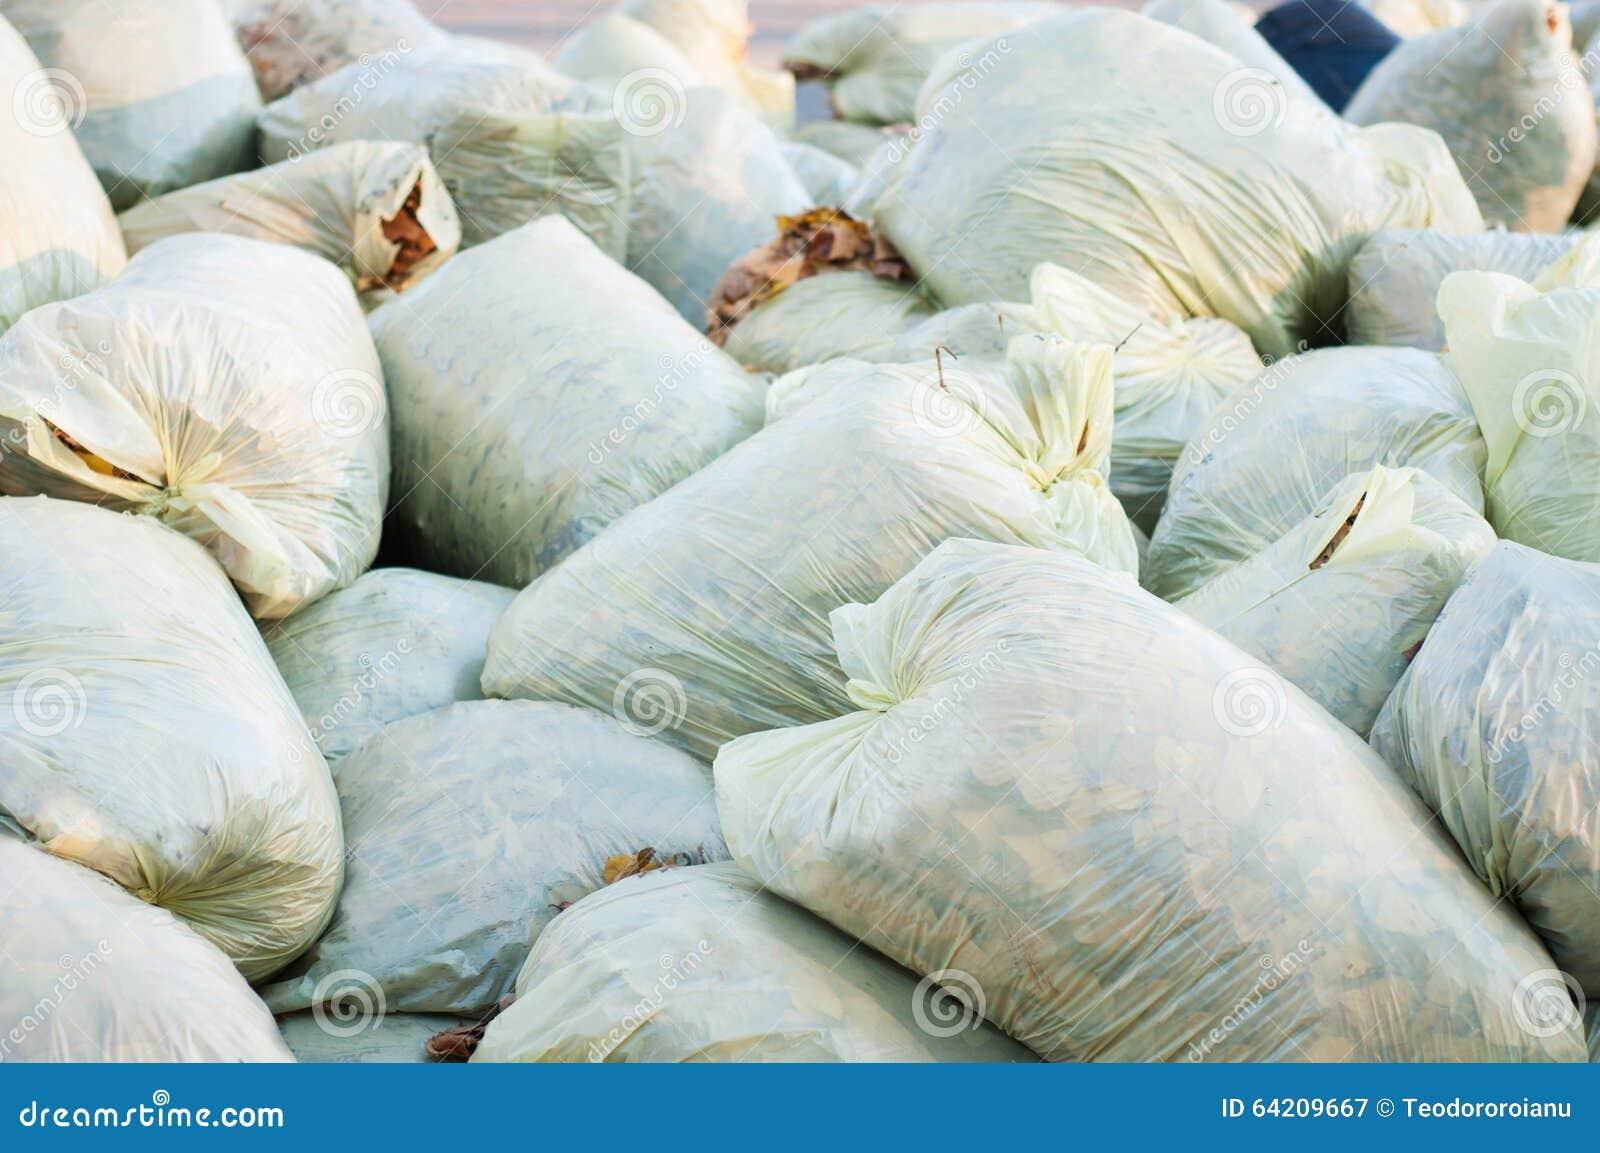 Garbage Bags Pile Stock Photo - Image: 64209667